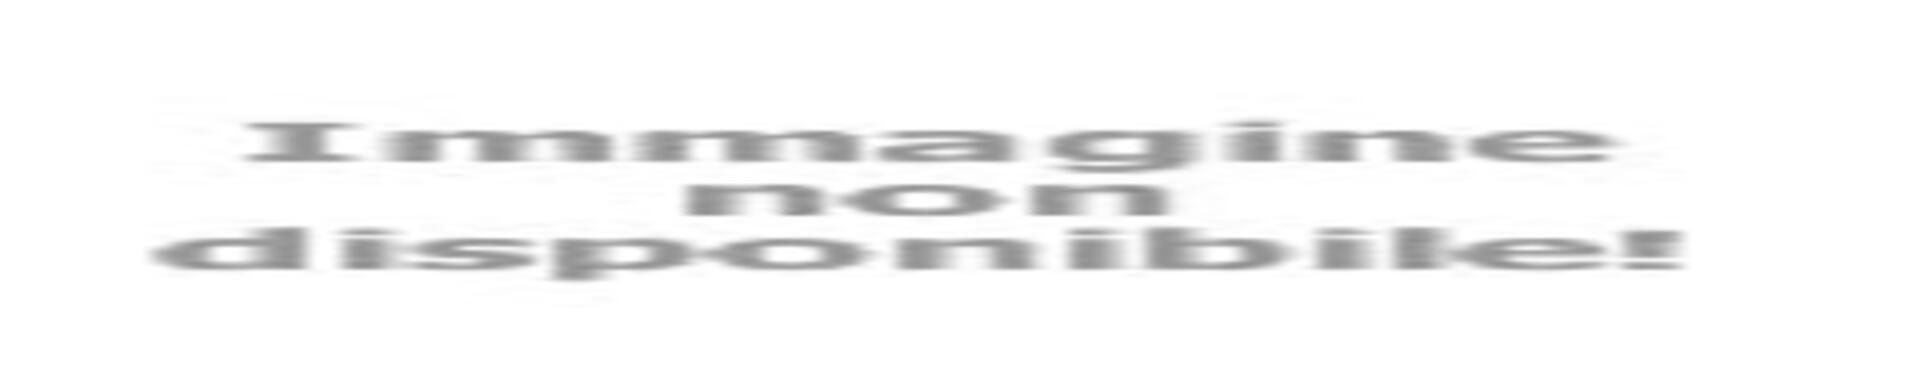 Ponti 25 aprile e 1° maggio a Ischia - Pacchetto hotel + Terme